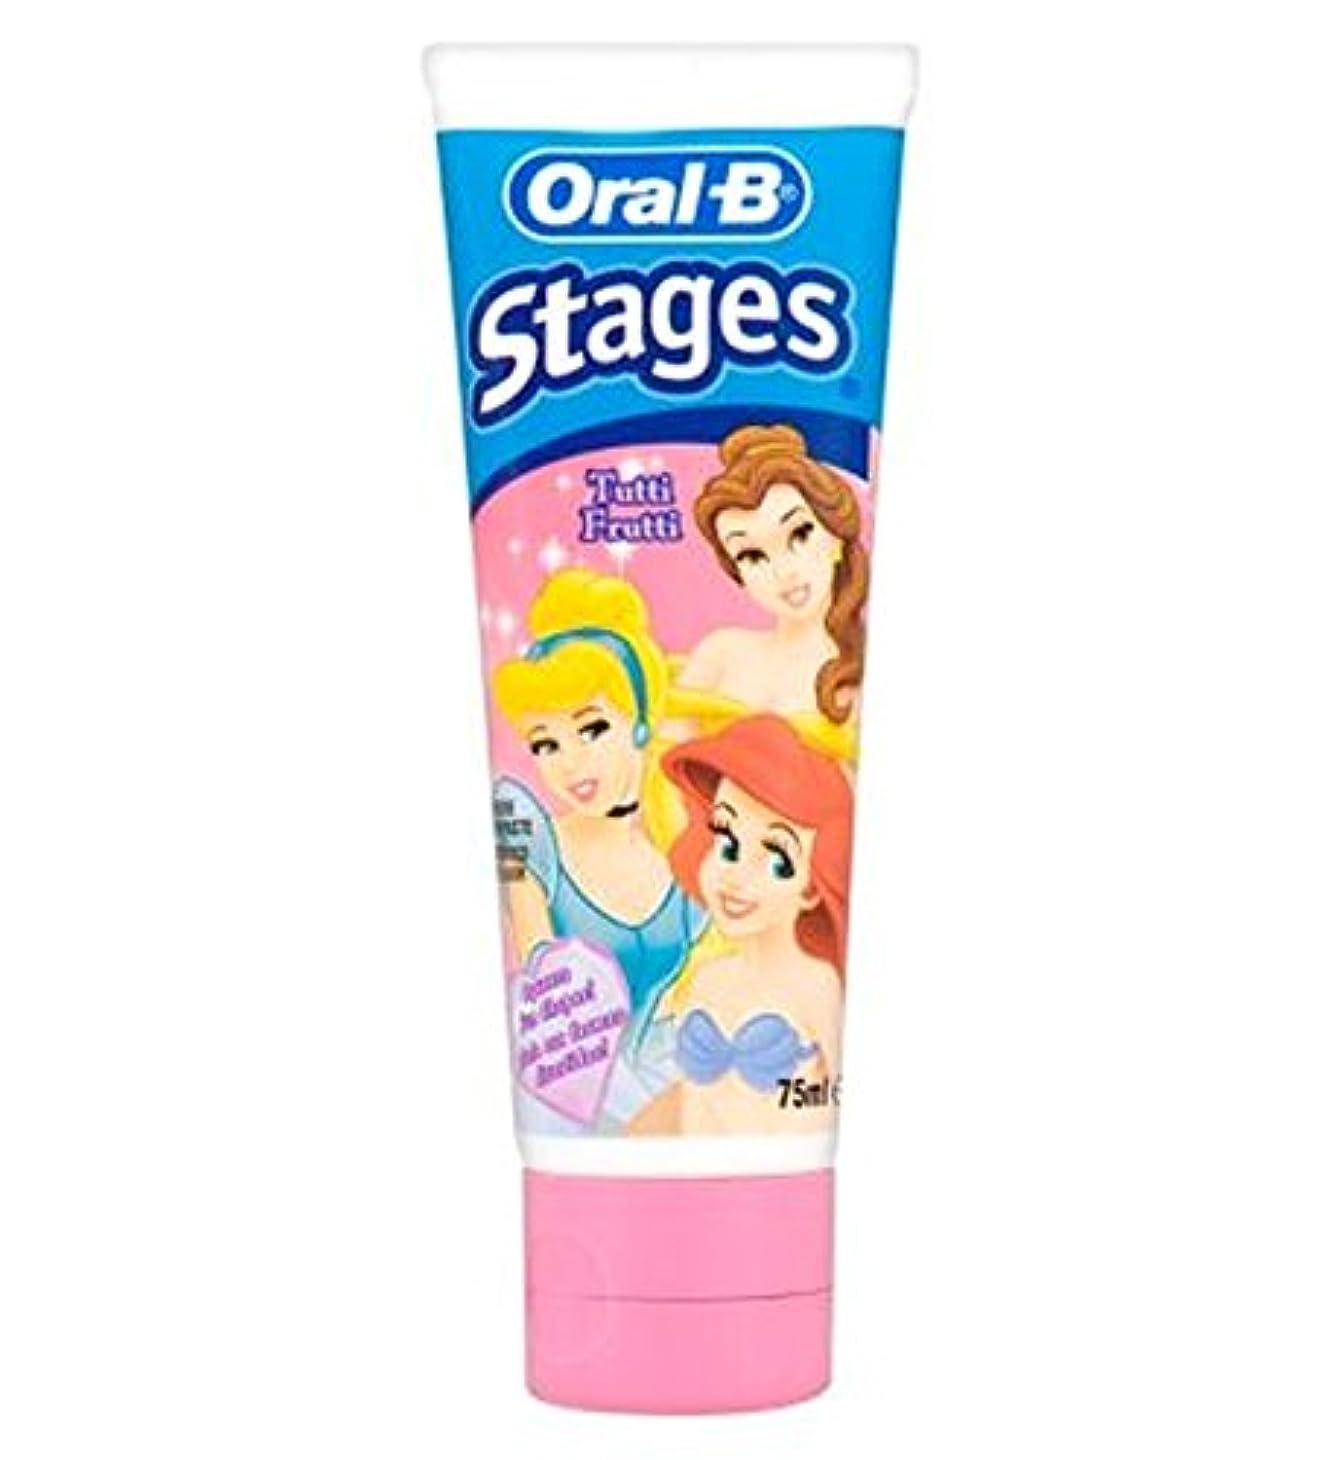 繊毛栄光熱Oral-B Stages Toothpaste 75ml - オーラルBは、歯磨き粉の75ミリリットルをステージ (Oral B) [並行輸入品]